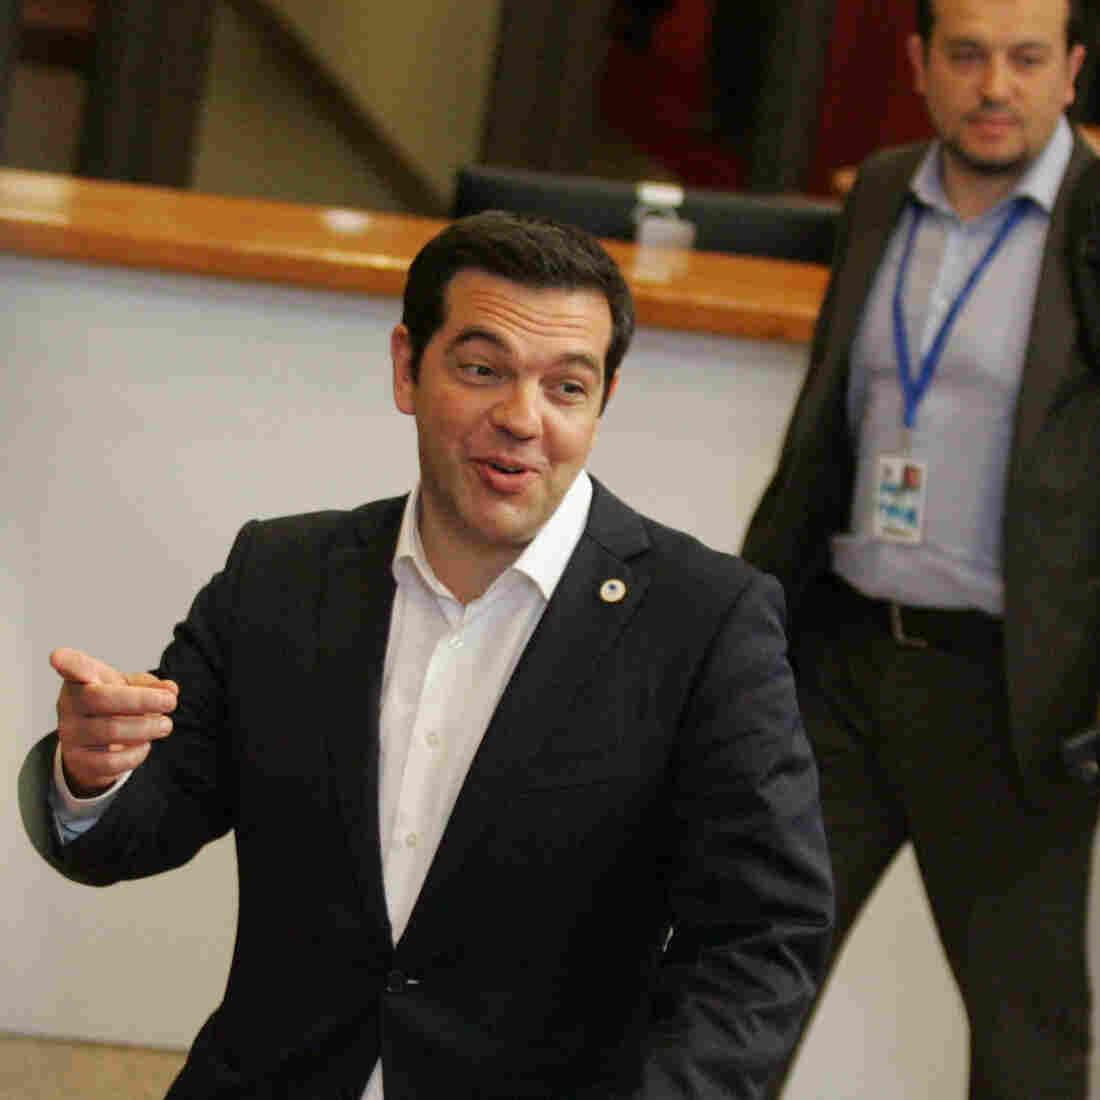 Greek Prime Minister Tells EU Leaders He Wants A United Europe